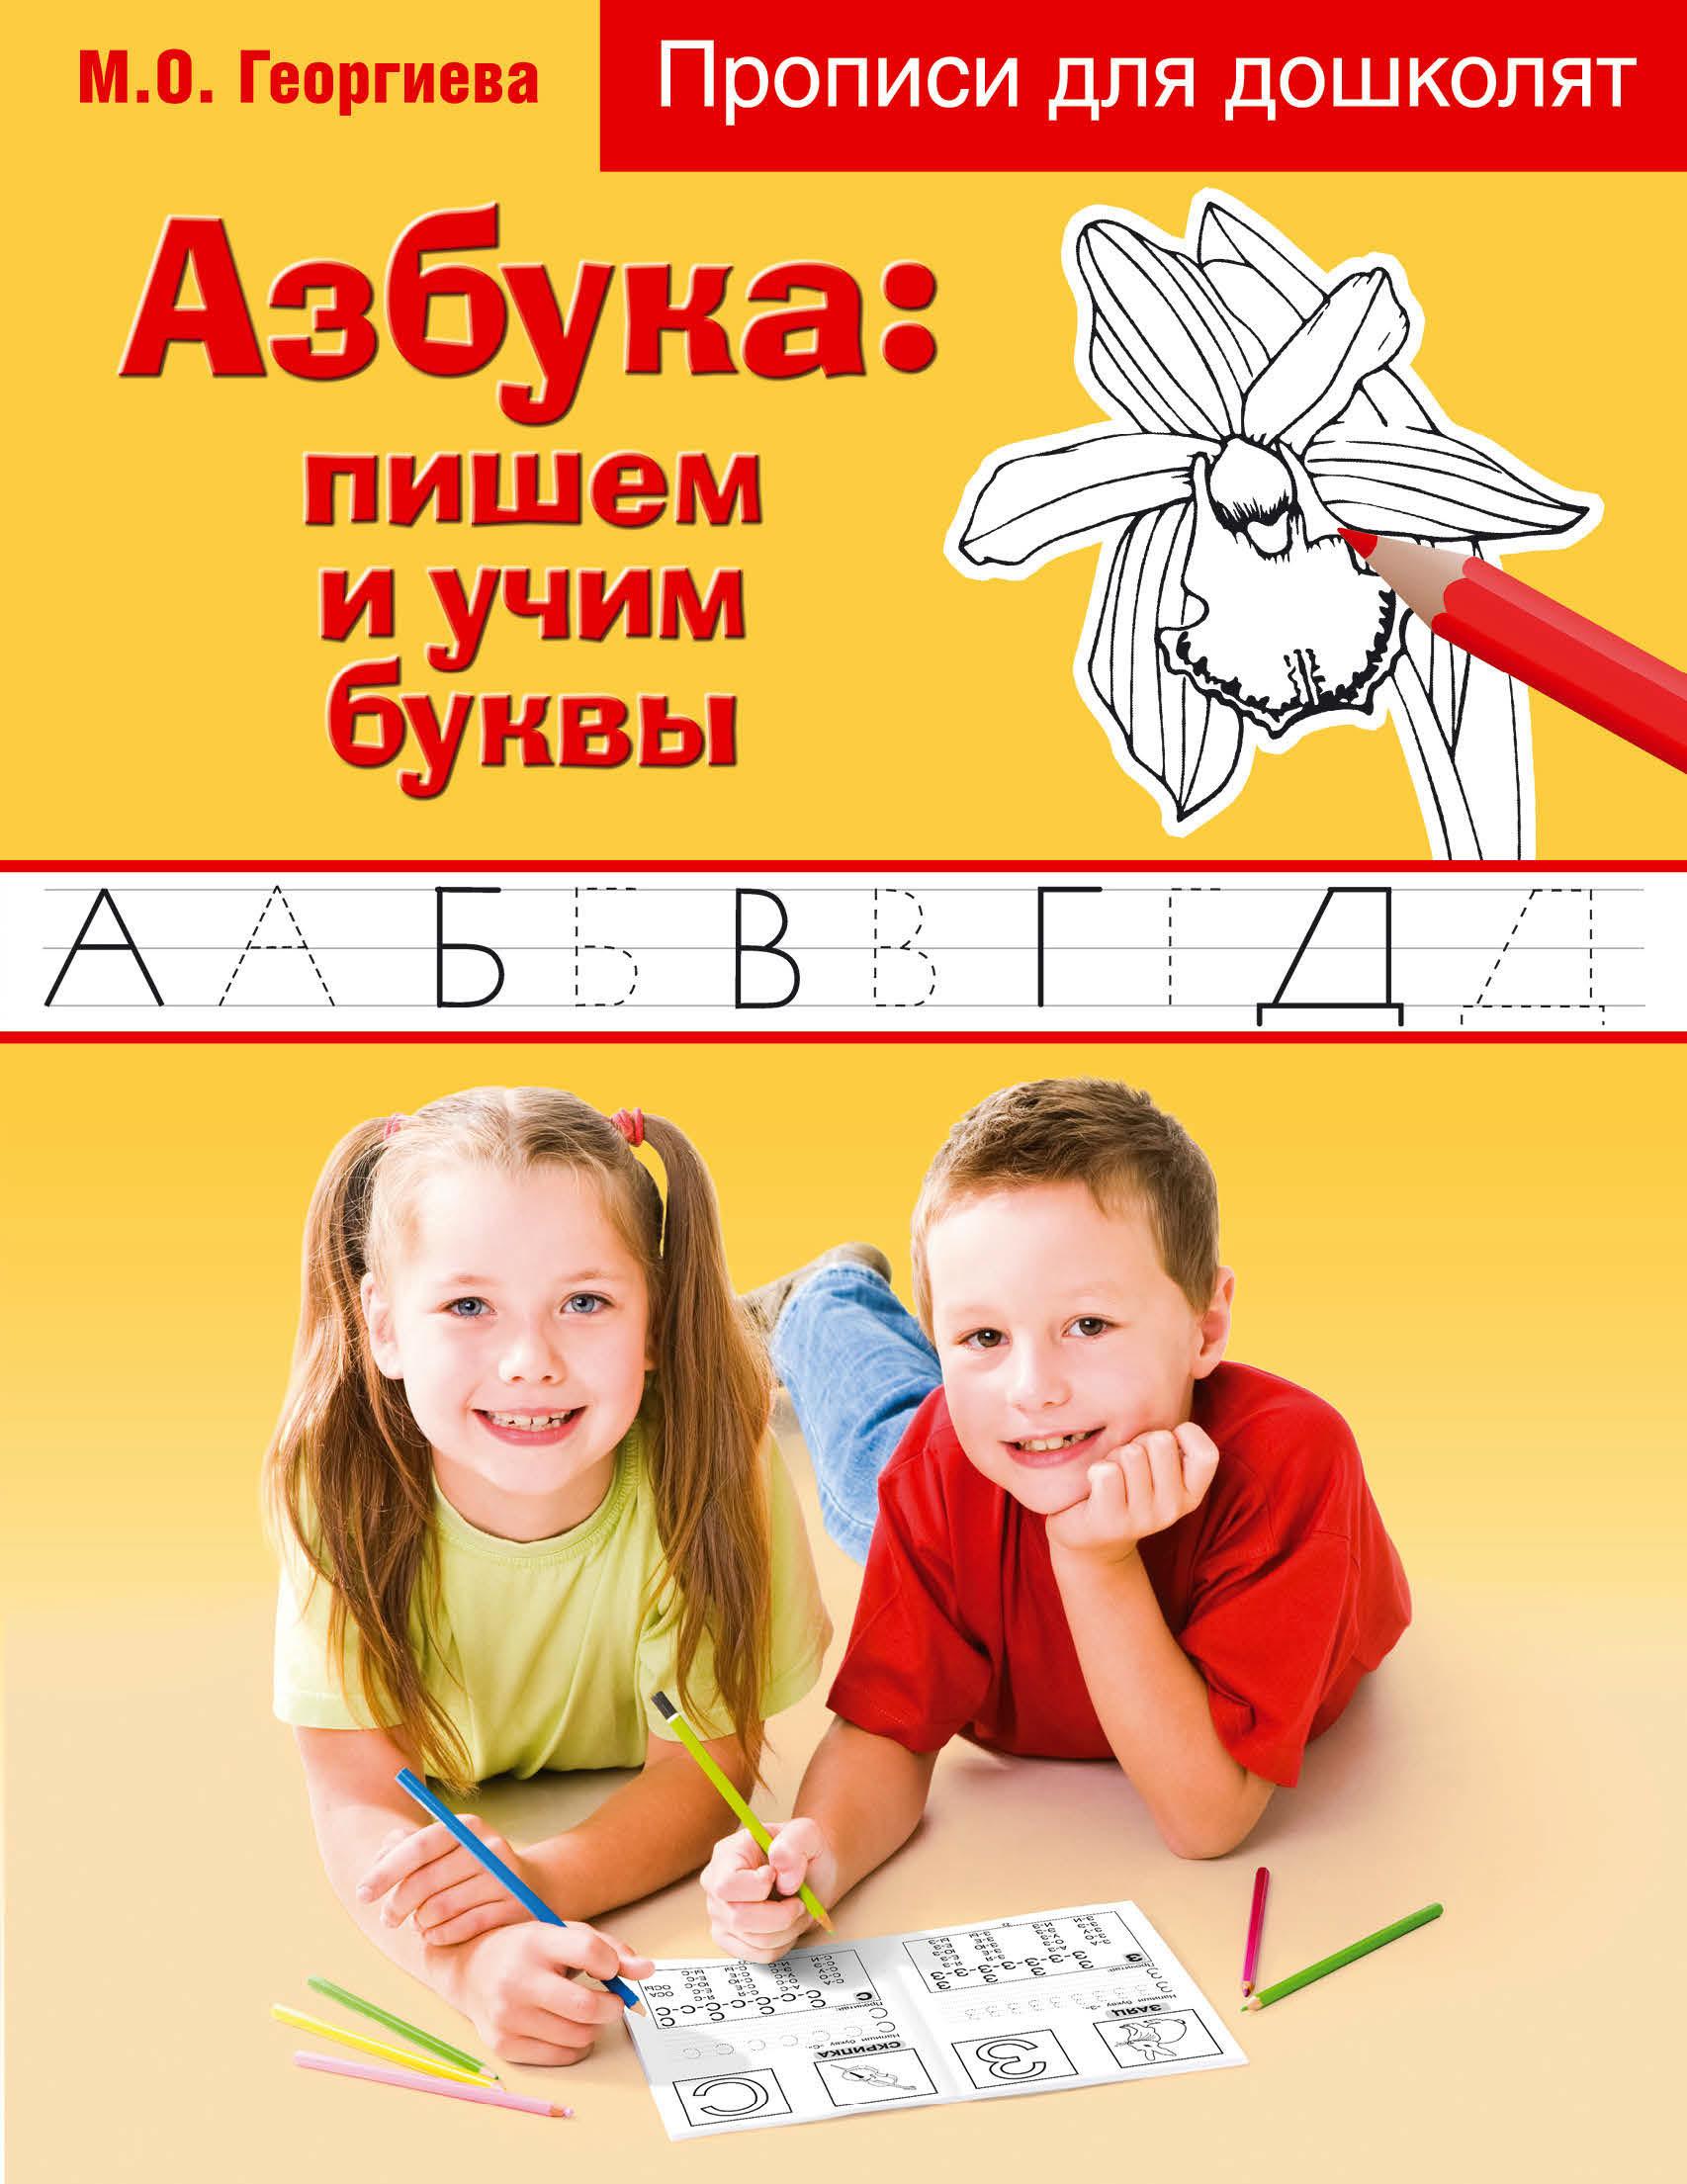 Марина Георгиева Азбука: пишем и учим буквы марина георгиева первые уроки письма задания и элементы